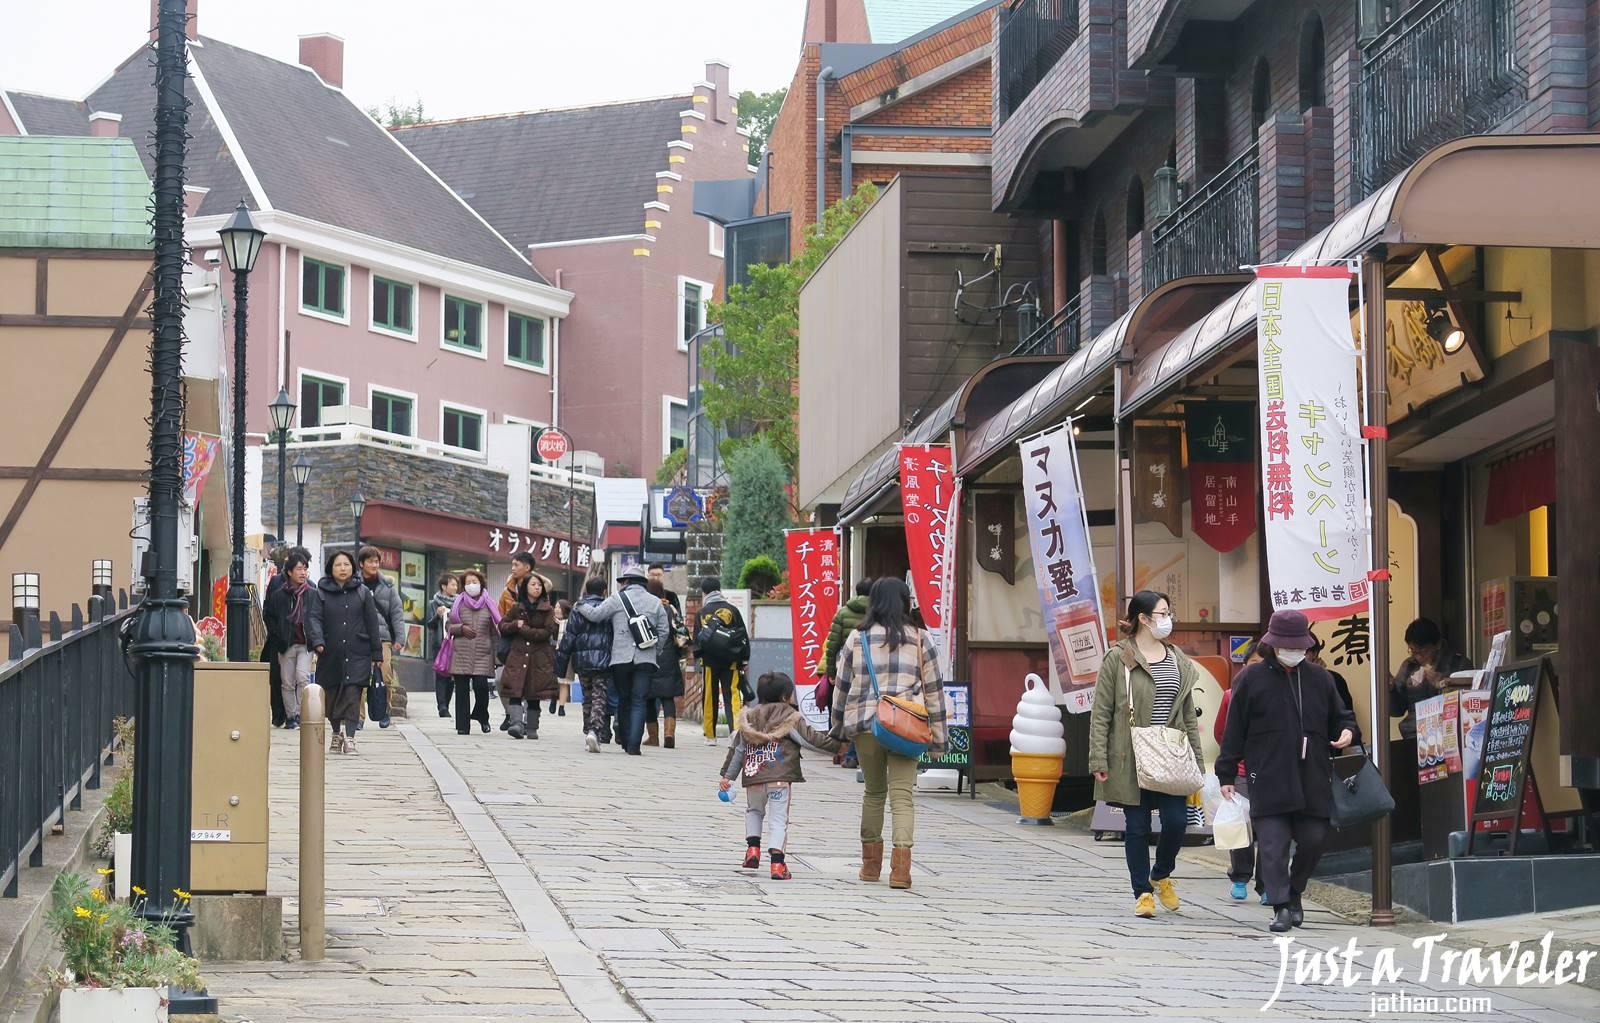 長崎-景點-推薦-哥拉巴-大浦天主堂-長崎必玩景點-長崎必去景點-長崎好玩景點-市區-攻略-長崎自由行景點-長崎旅遊景點-長崎觀光景點-長崎行程-長崎旅行-日本-Nagasaki-Tourist-Attraction